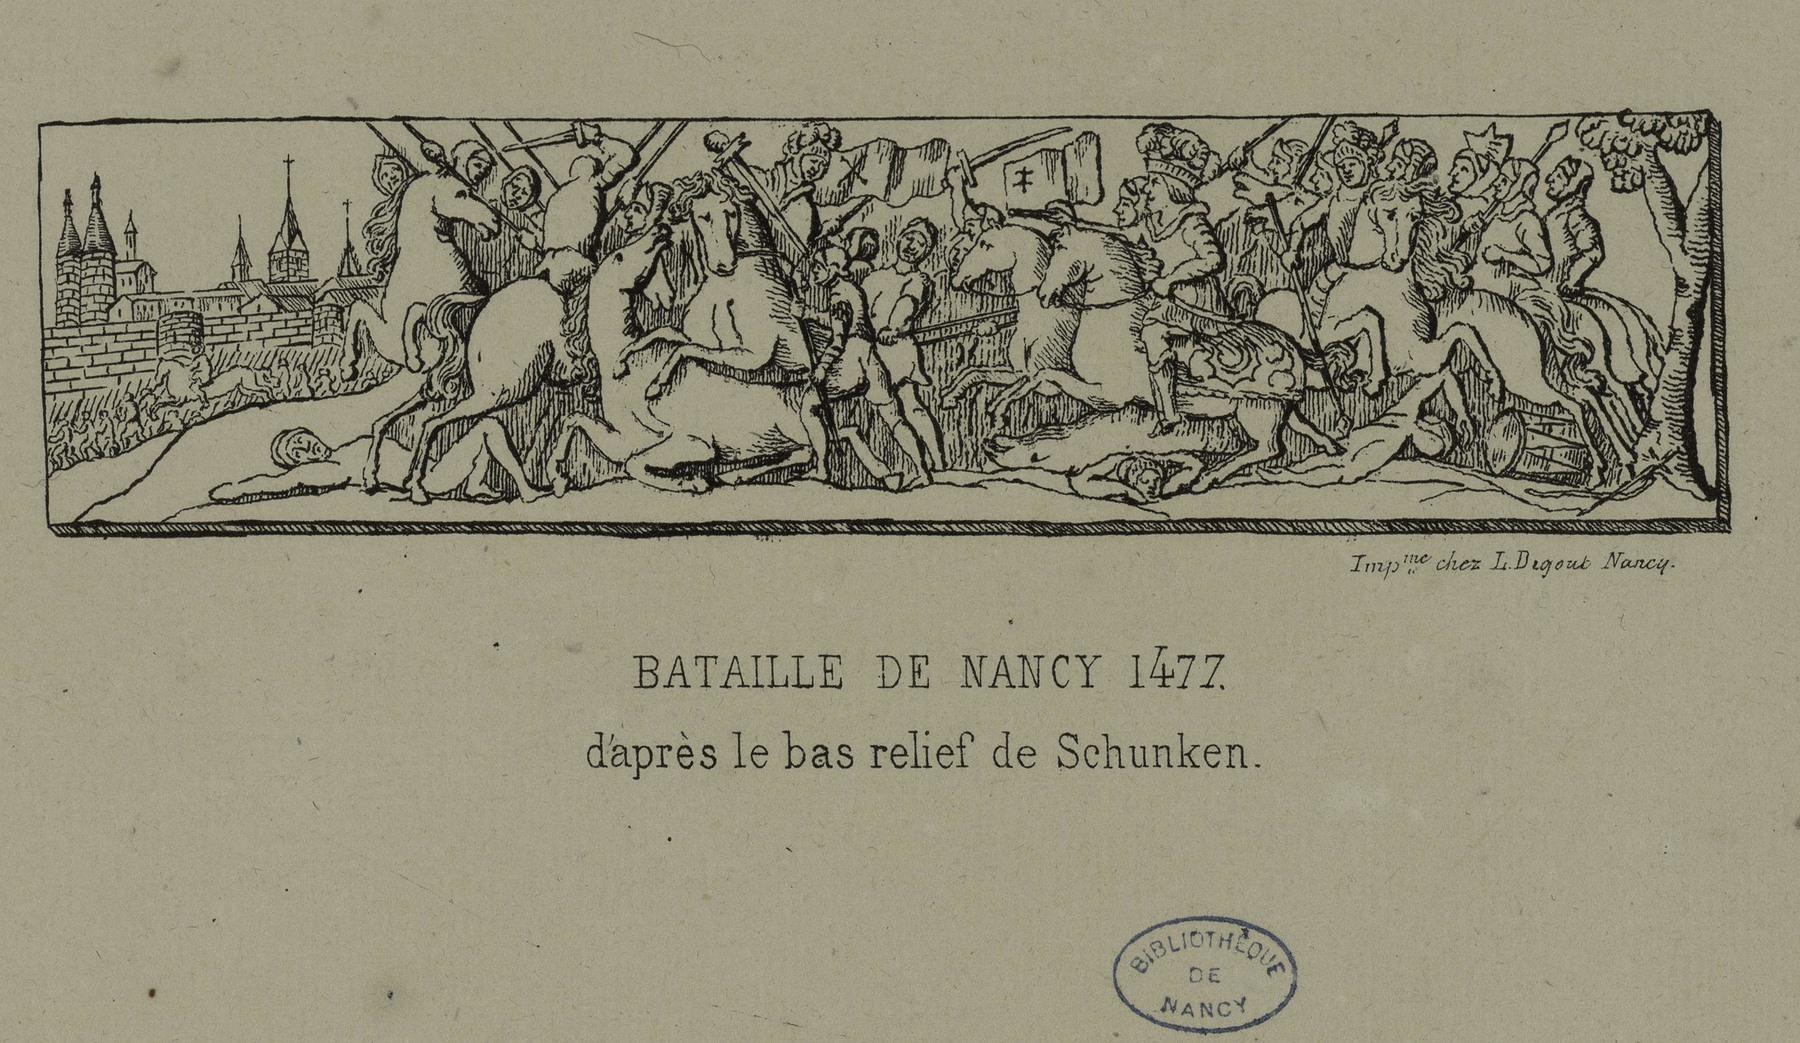 Contenu du Bataille de Nancy 1477 d'après le bas relief de Schunken